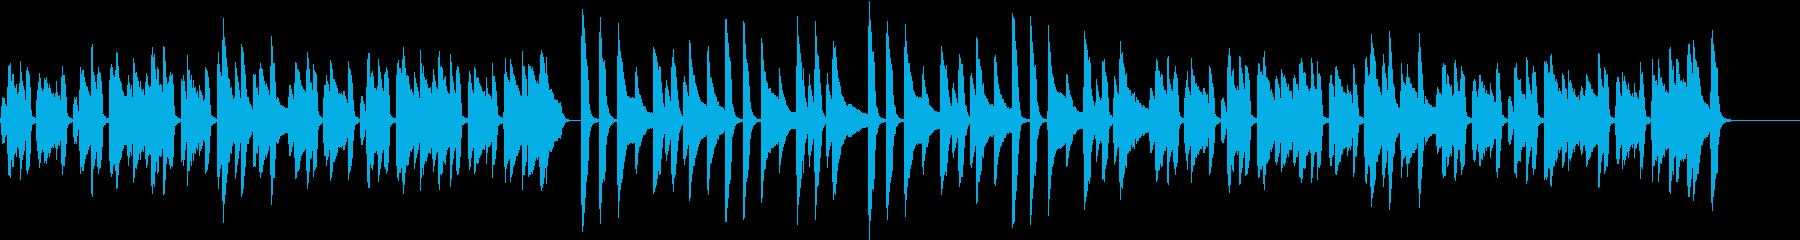 ほのぼの/かわいい/猫/ピアノ/団らんの再生済みの波形